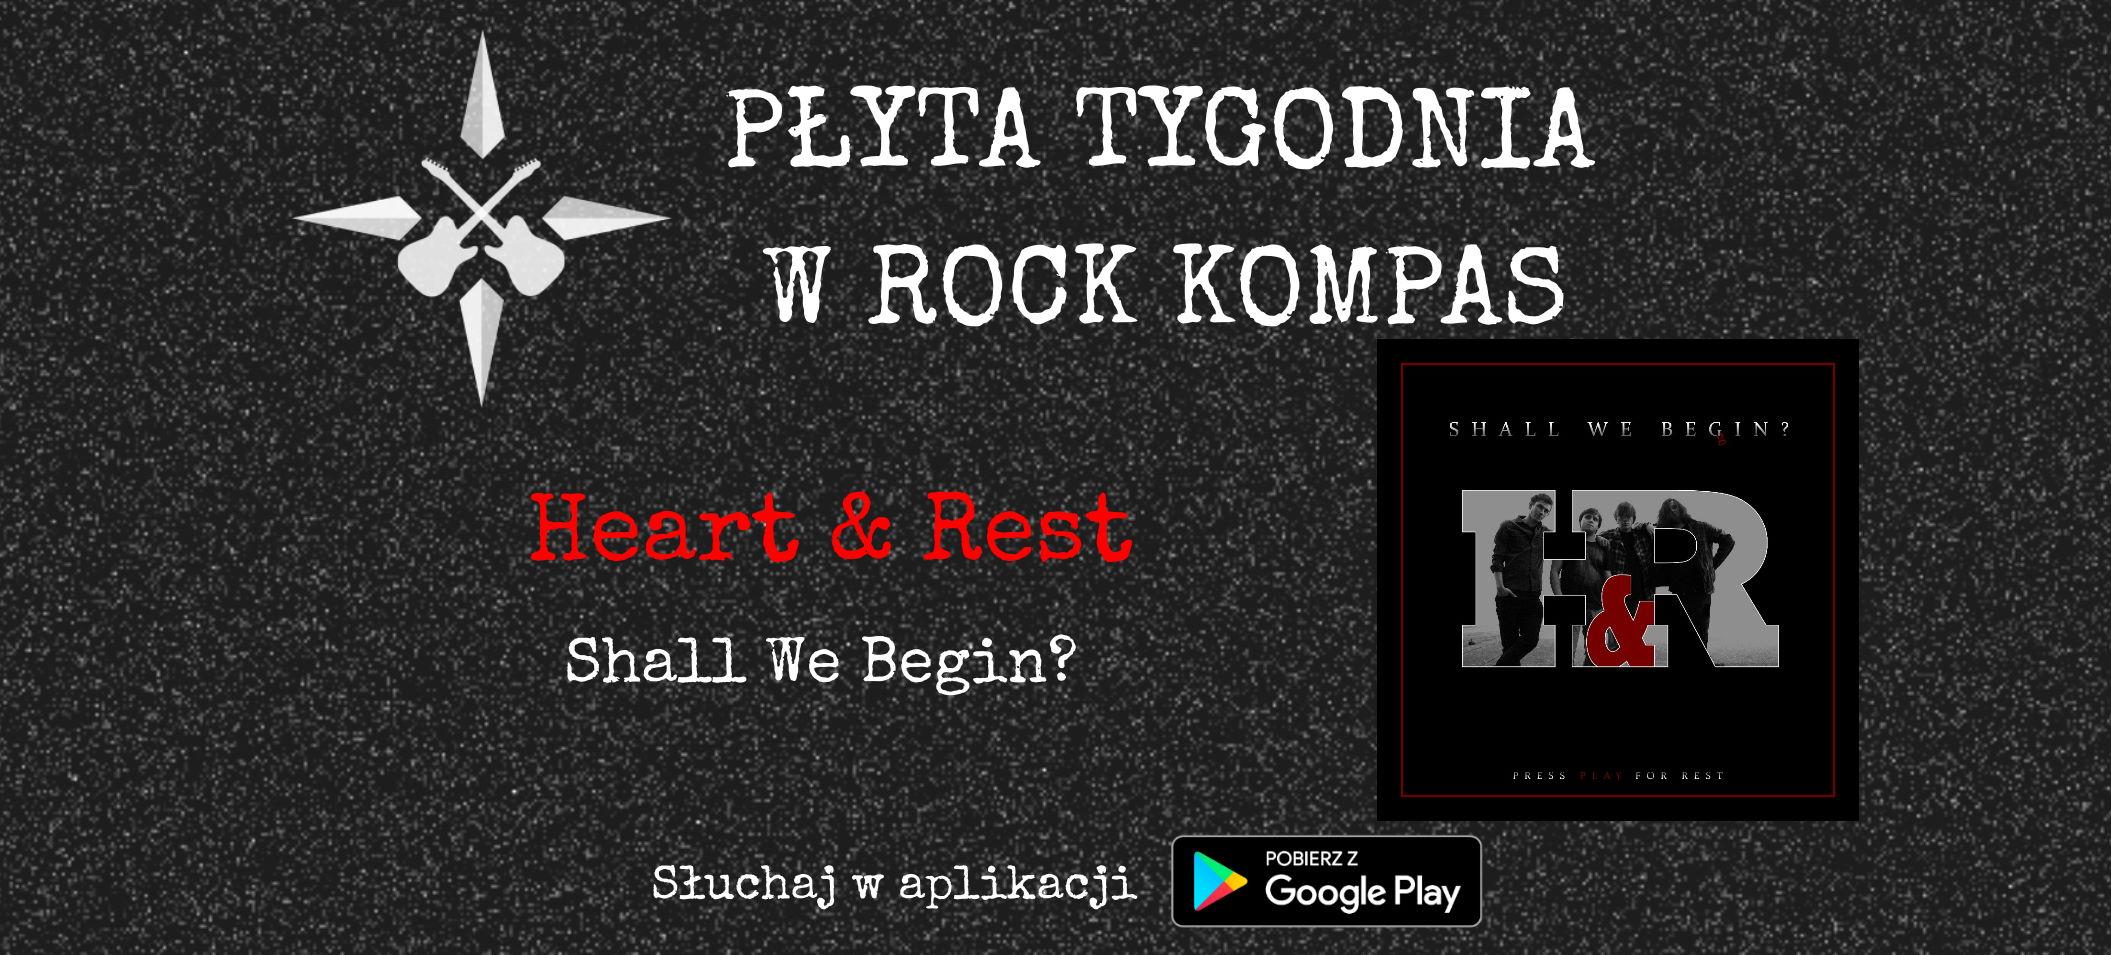 Płyta tygodnia w Rock Kompas: Heart&Rest - Shall We Begin?